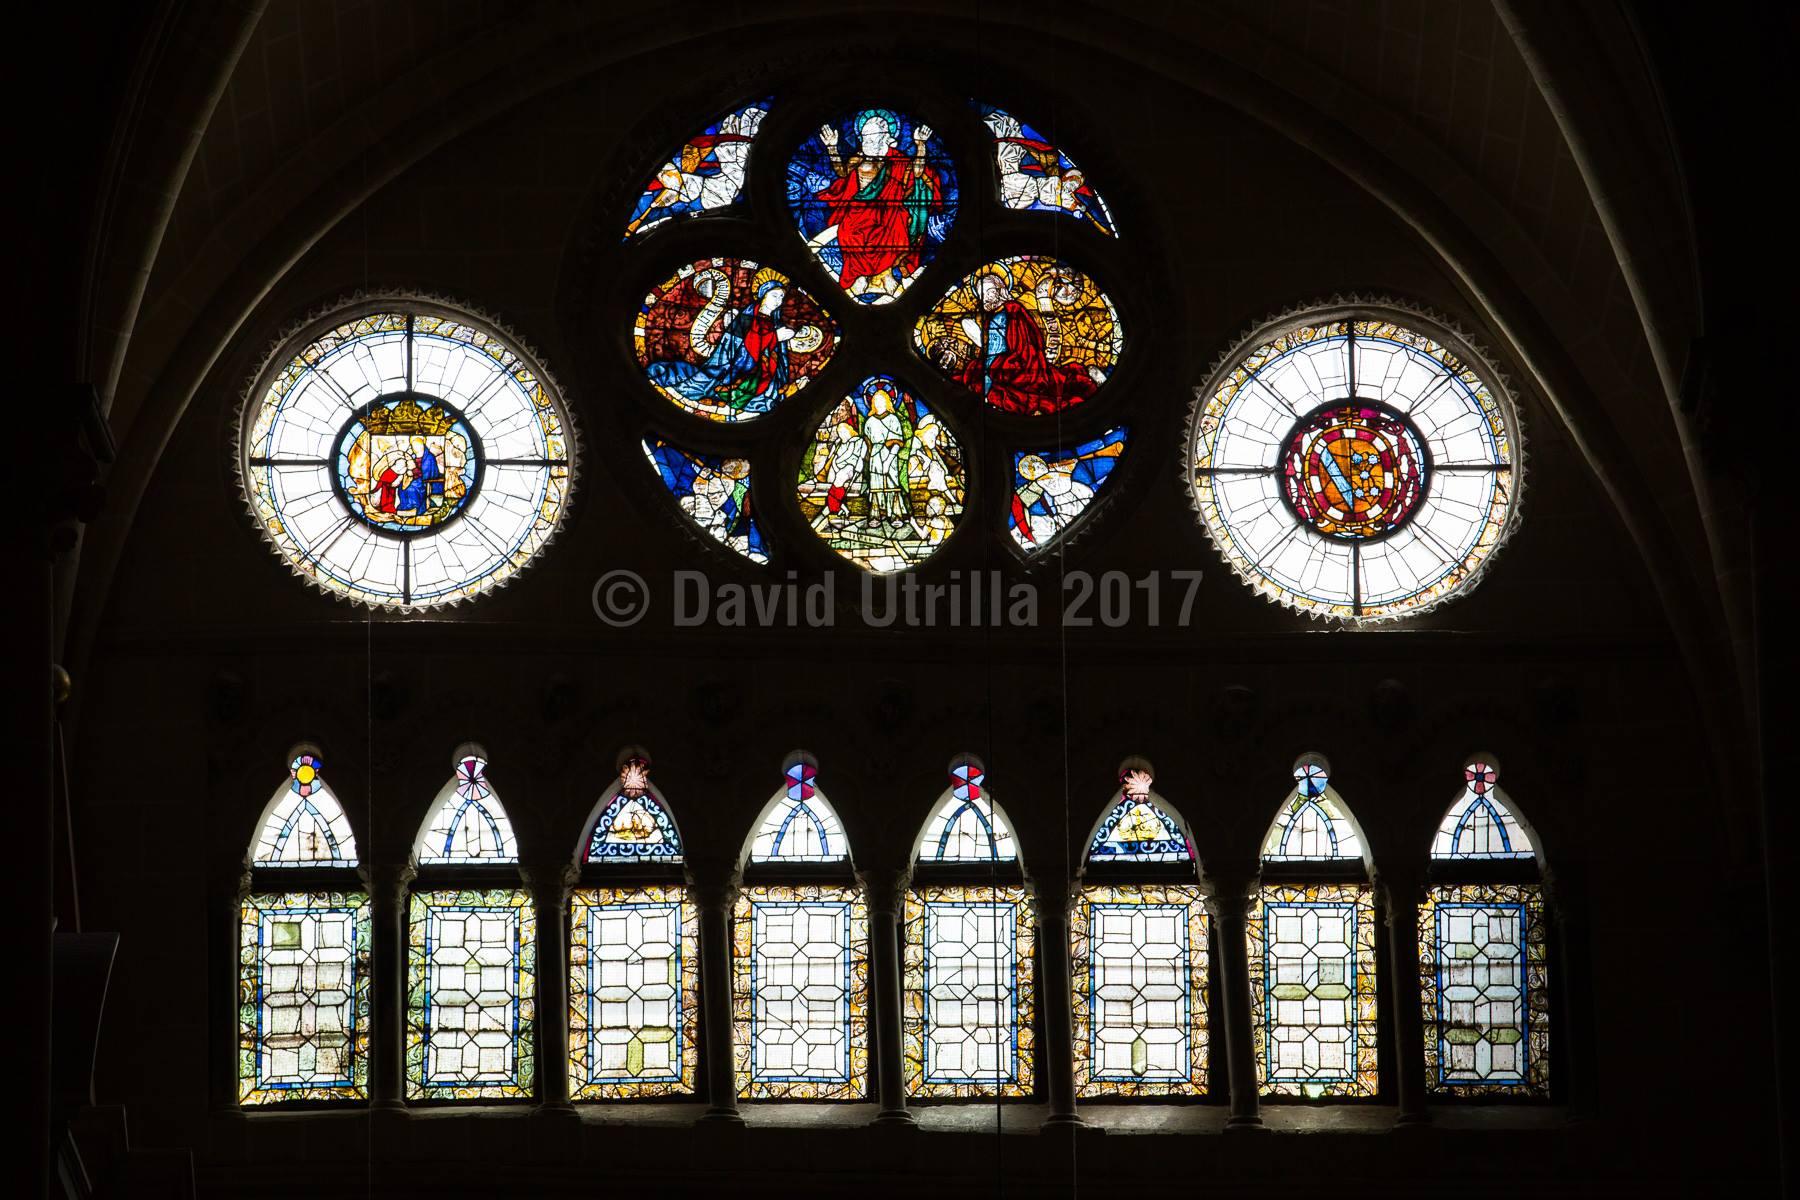 Vidrieras y ventanales Catedral de Toledo